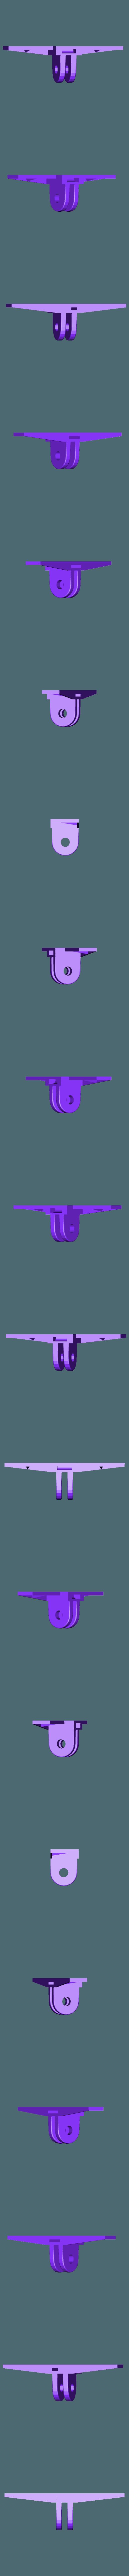 GoproLaptopCamModule.stl Télécharger fichier STL gratuit Module de caméra HM1355 à l'adaptateur GoPRo • Plan imprimable en 3D, Milan_Gajic